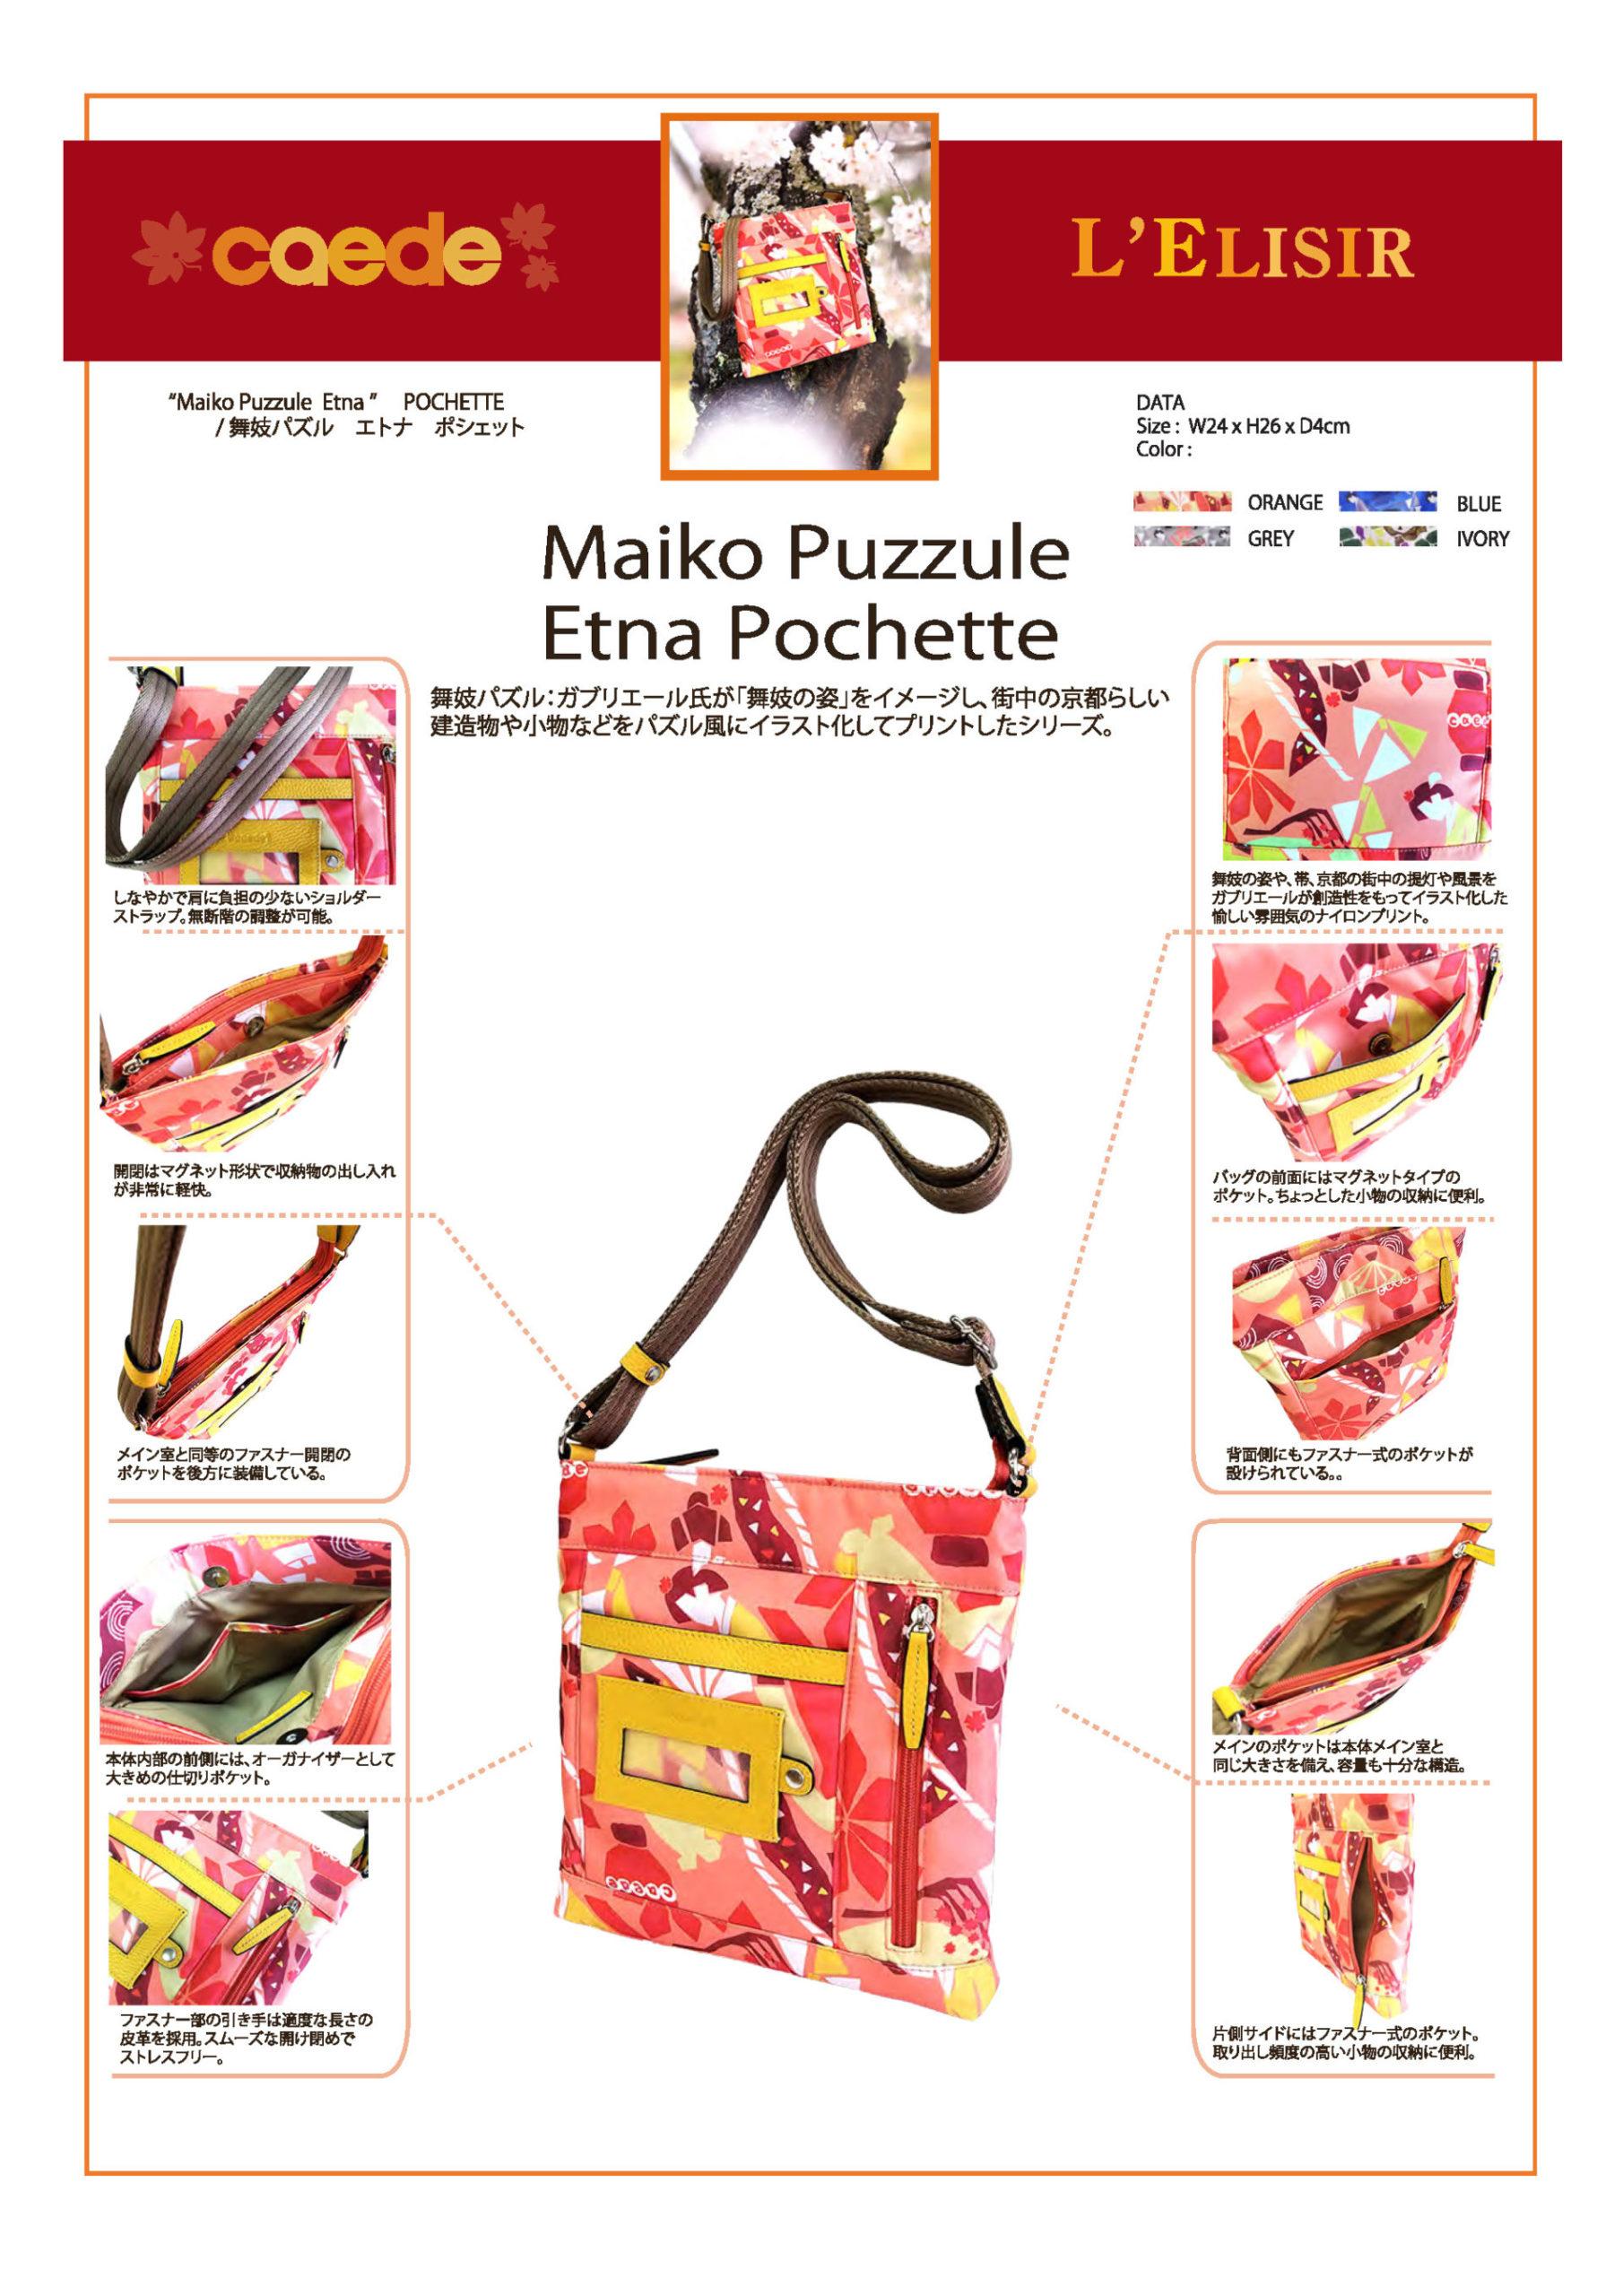 Maiko Puzzle Etna Pochette